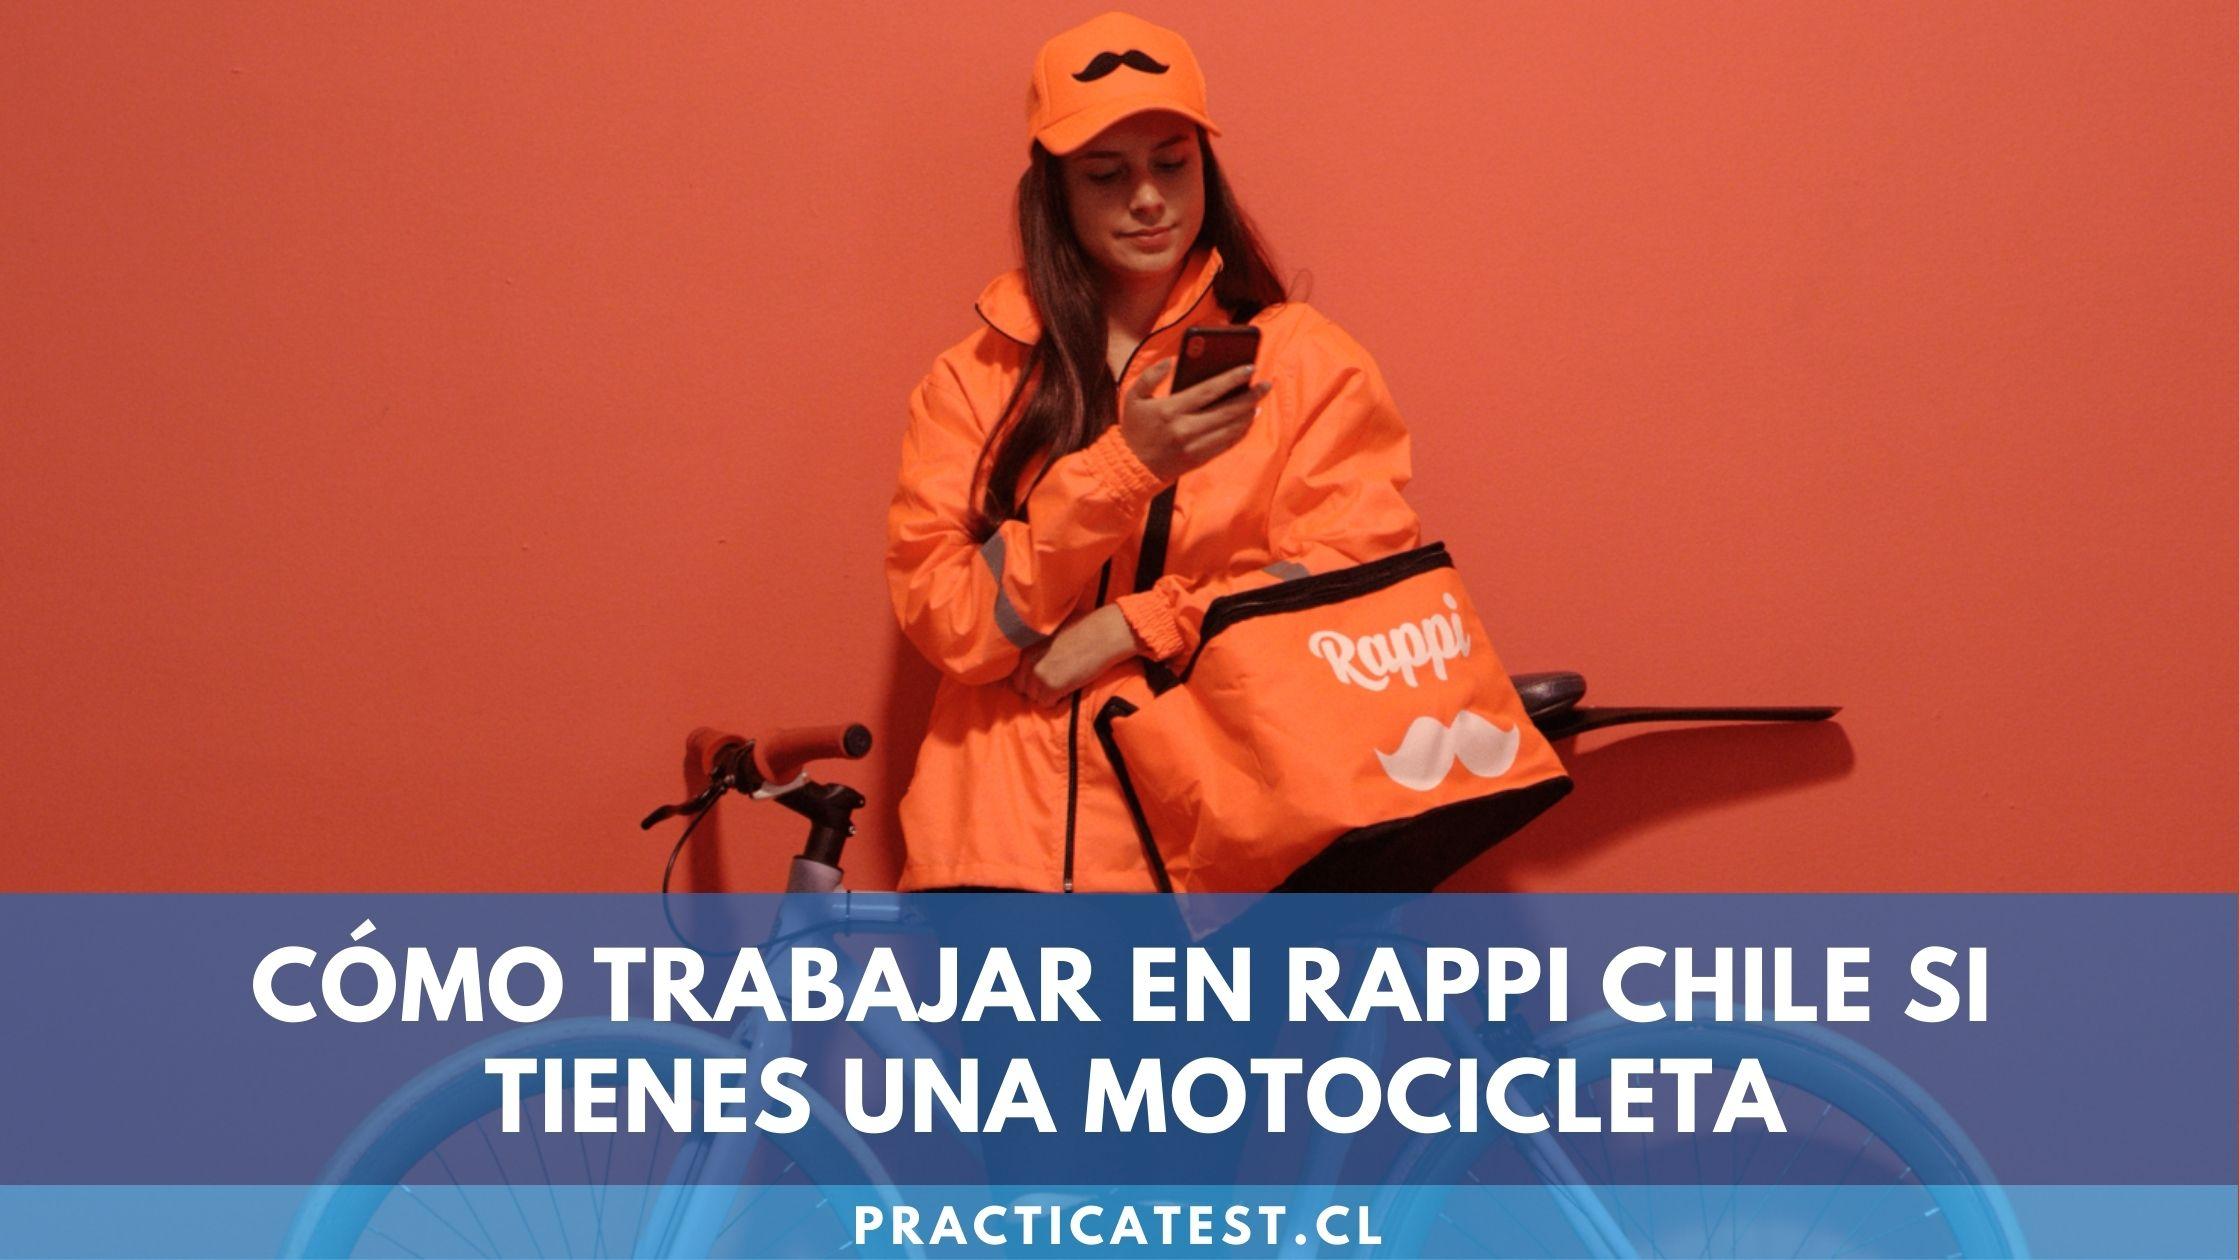 Cómo ser repartidor de Rappi con mi motocicletas y requisitos personales y de vehículo